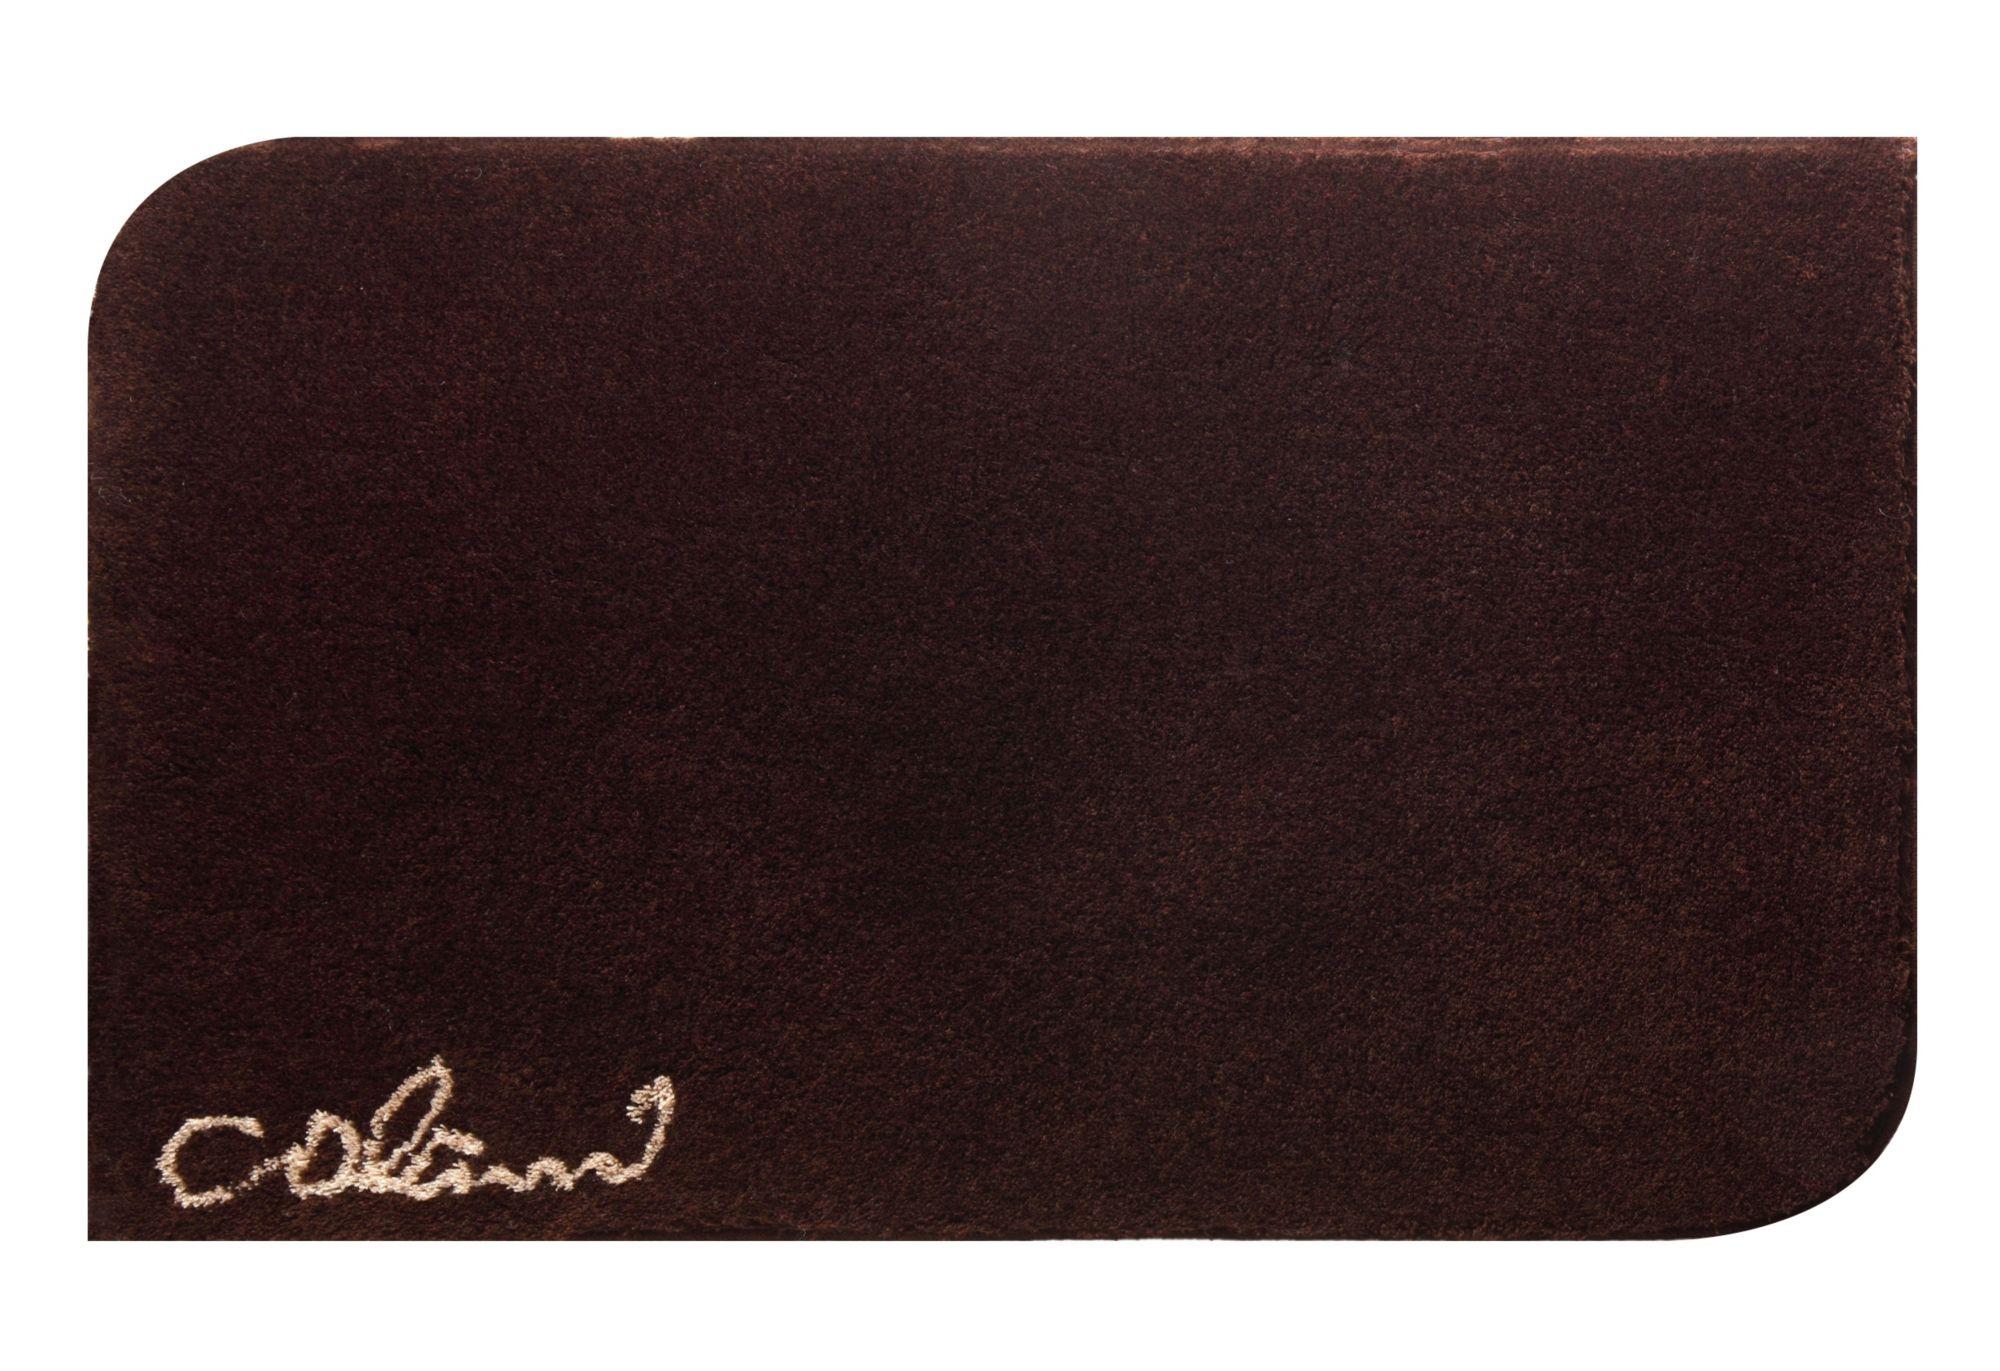 COLANI Badematte Colani,  »Colani 40«, Höhe ca. 24 mm, rutschhemmender Rücken, Grund